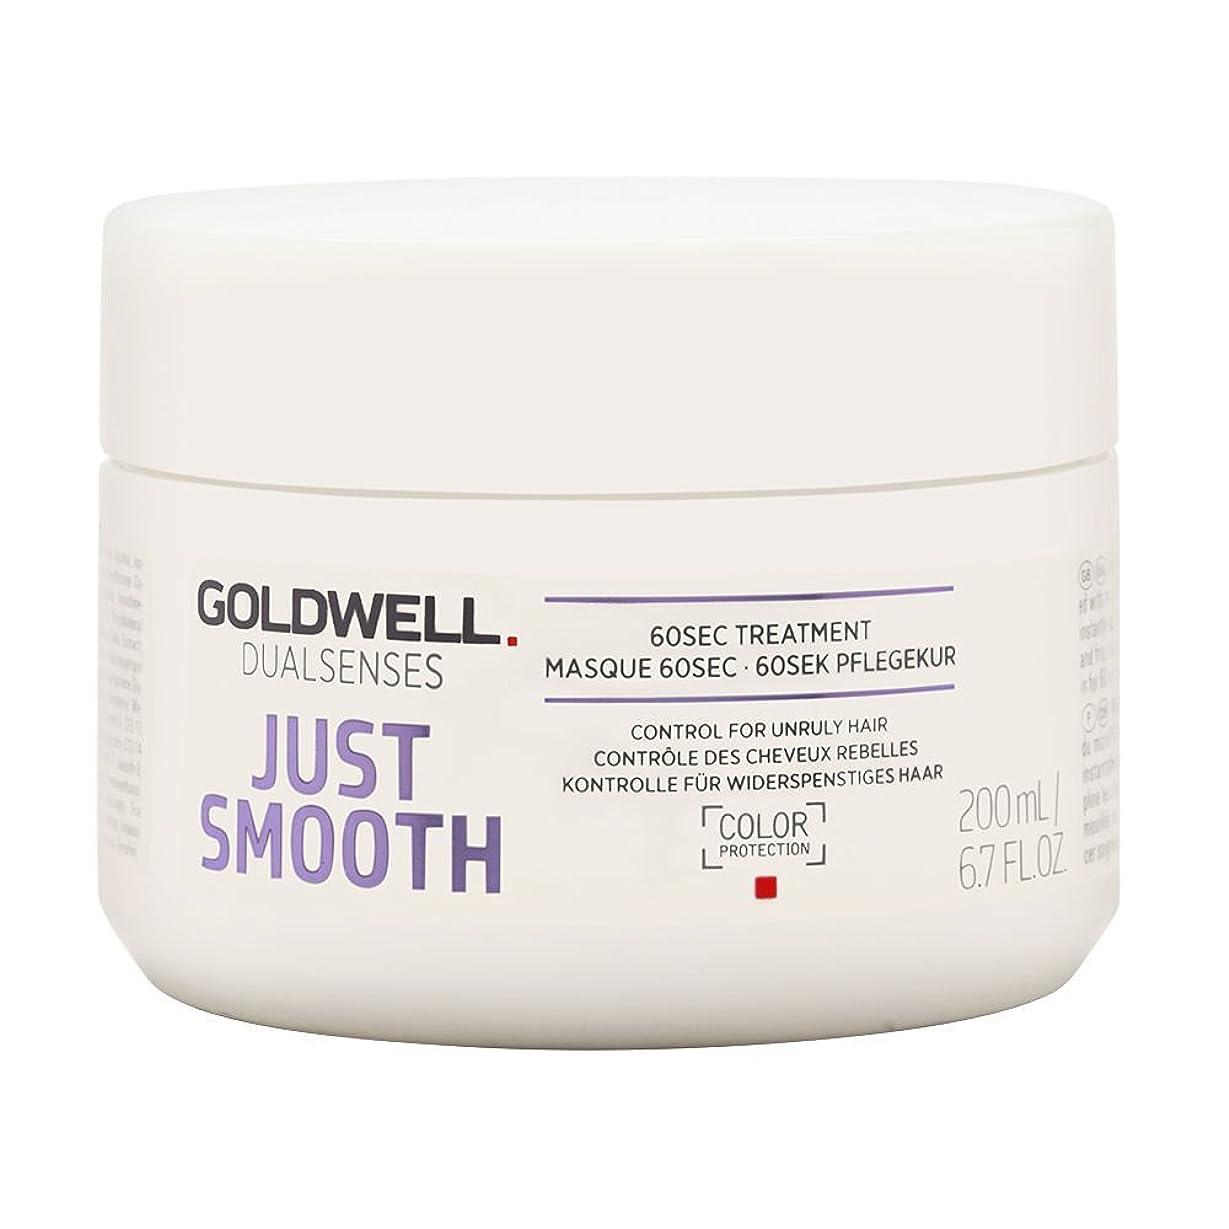 単にキュービック塩辛いGoldwell Dualsenses Just Smooth 60sec Taming Treatment 200ml